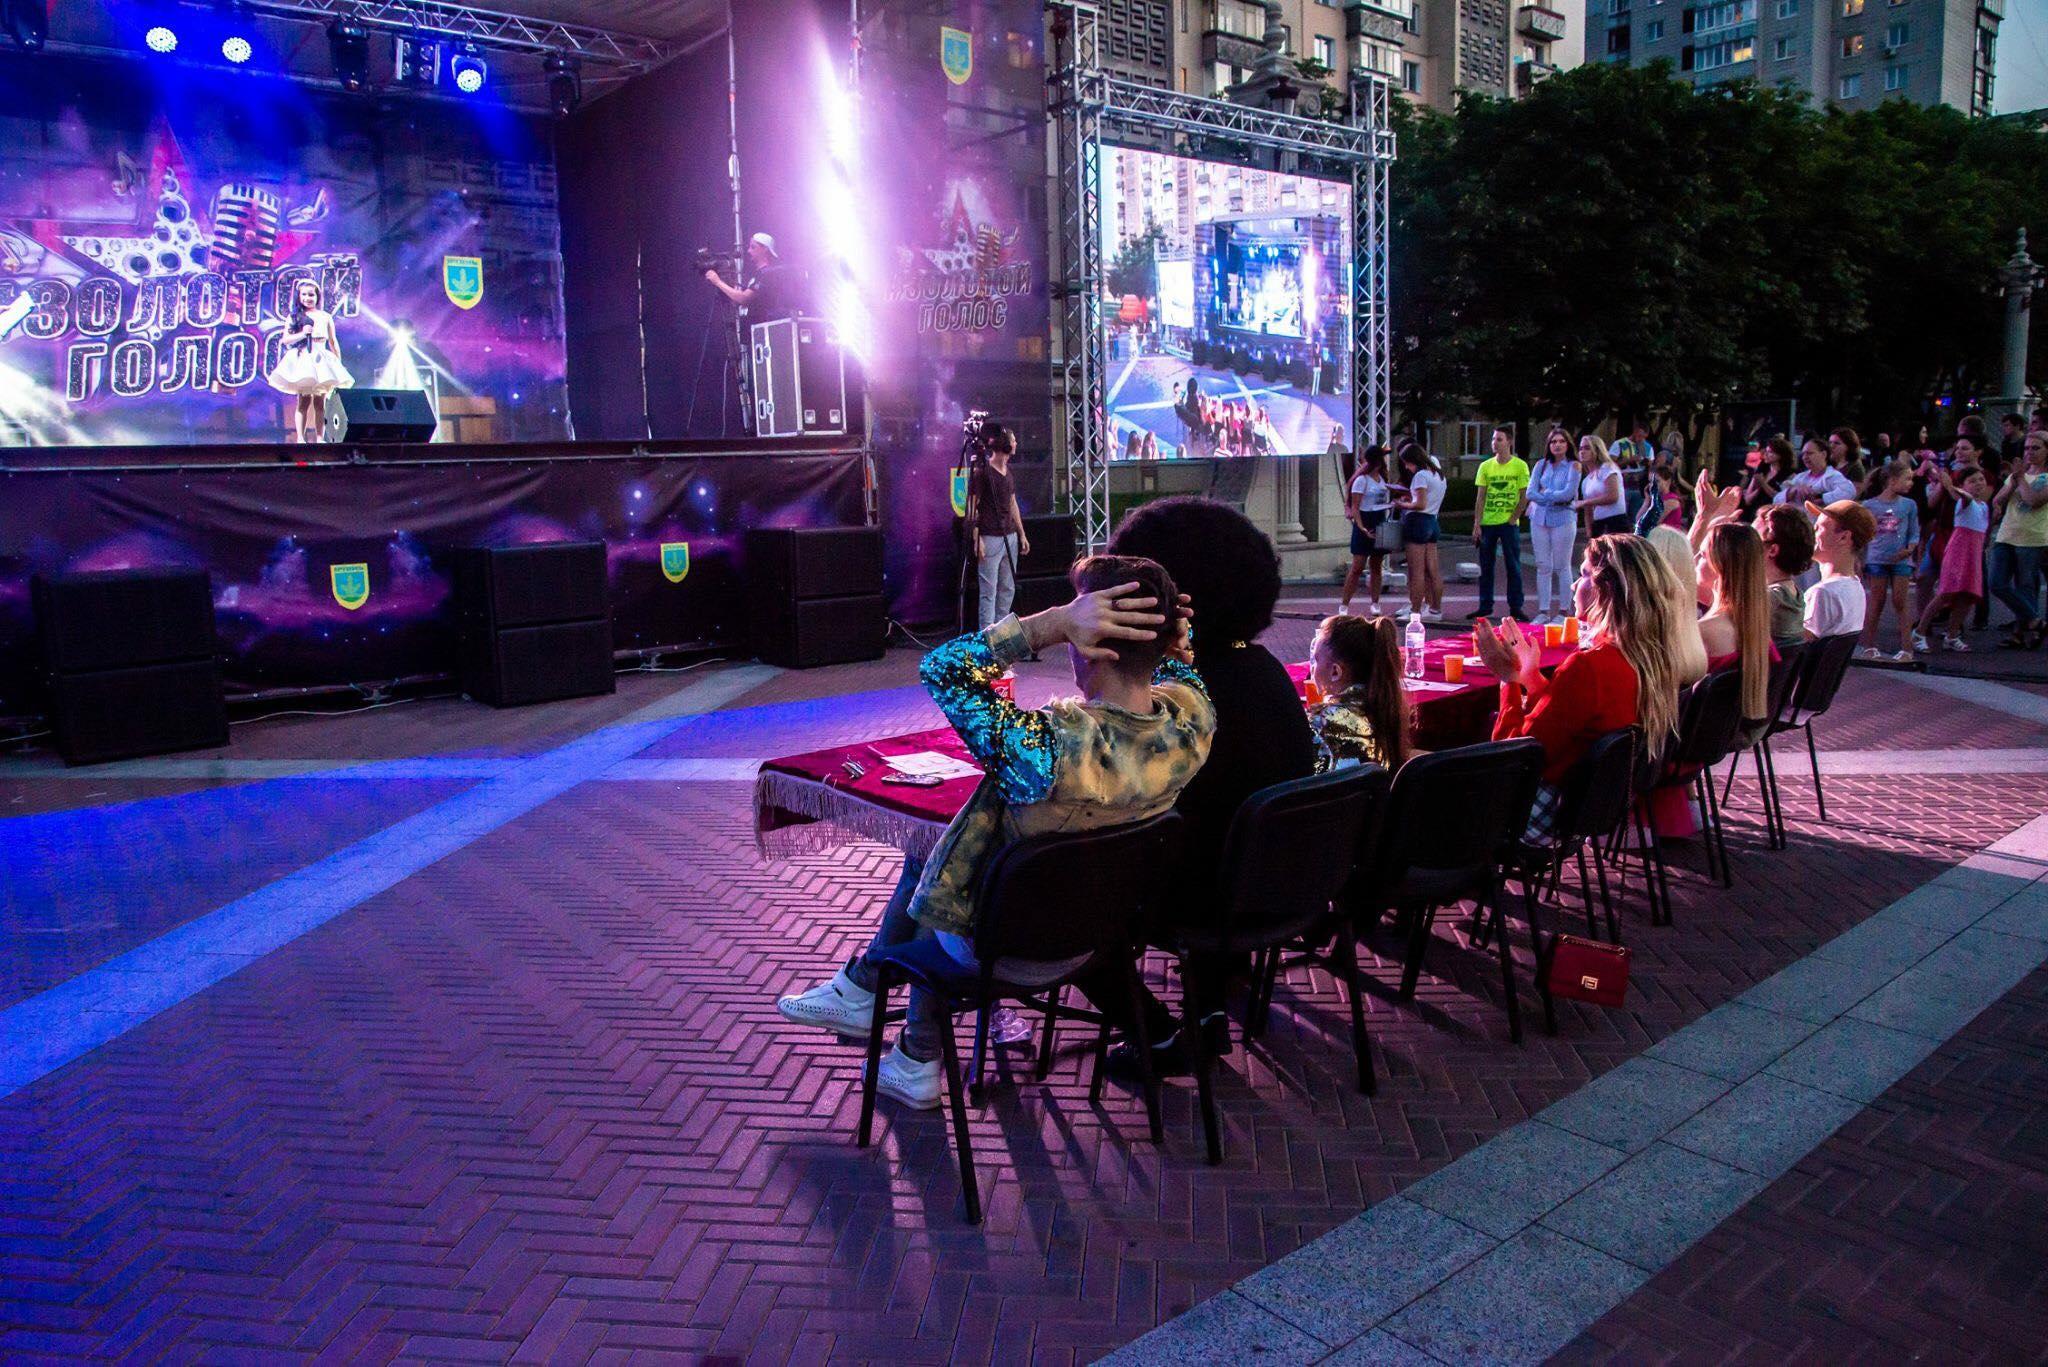 Всеукраинский фестиваль «Золотой Голос» собрал всю Украину на грандиозном гала-концерте 1